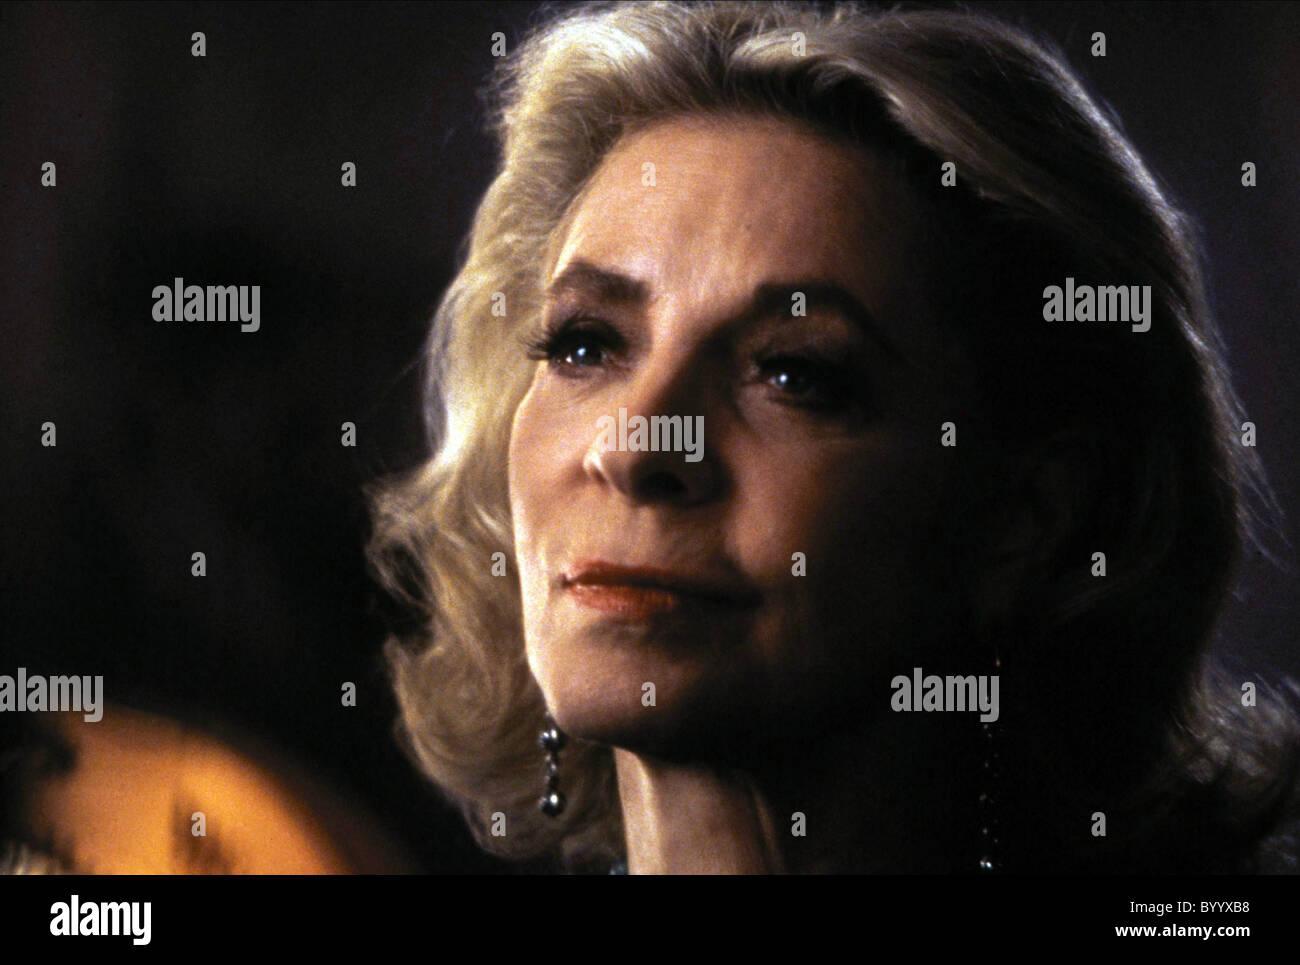 LAUREN BACALL DIAMONDS (1999) - Stock Image